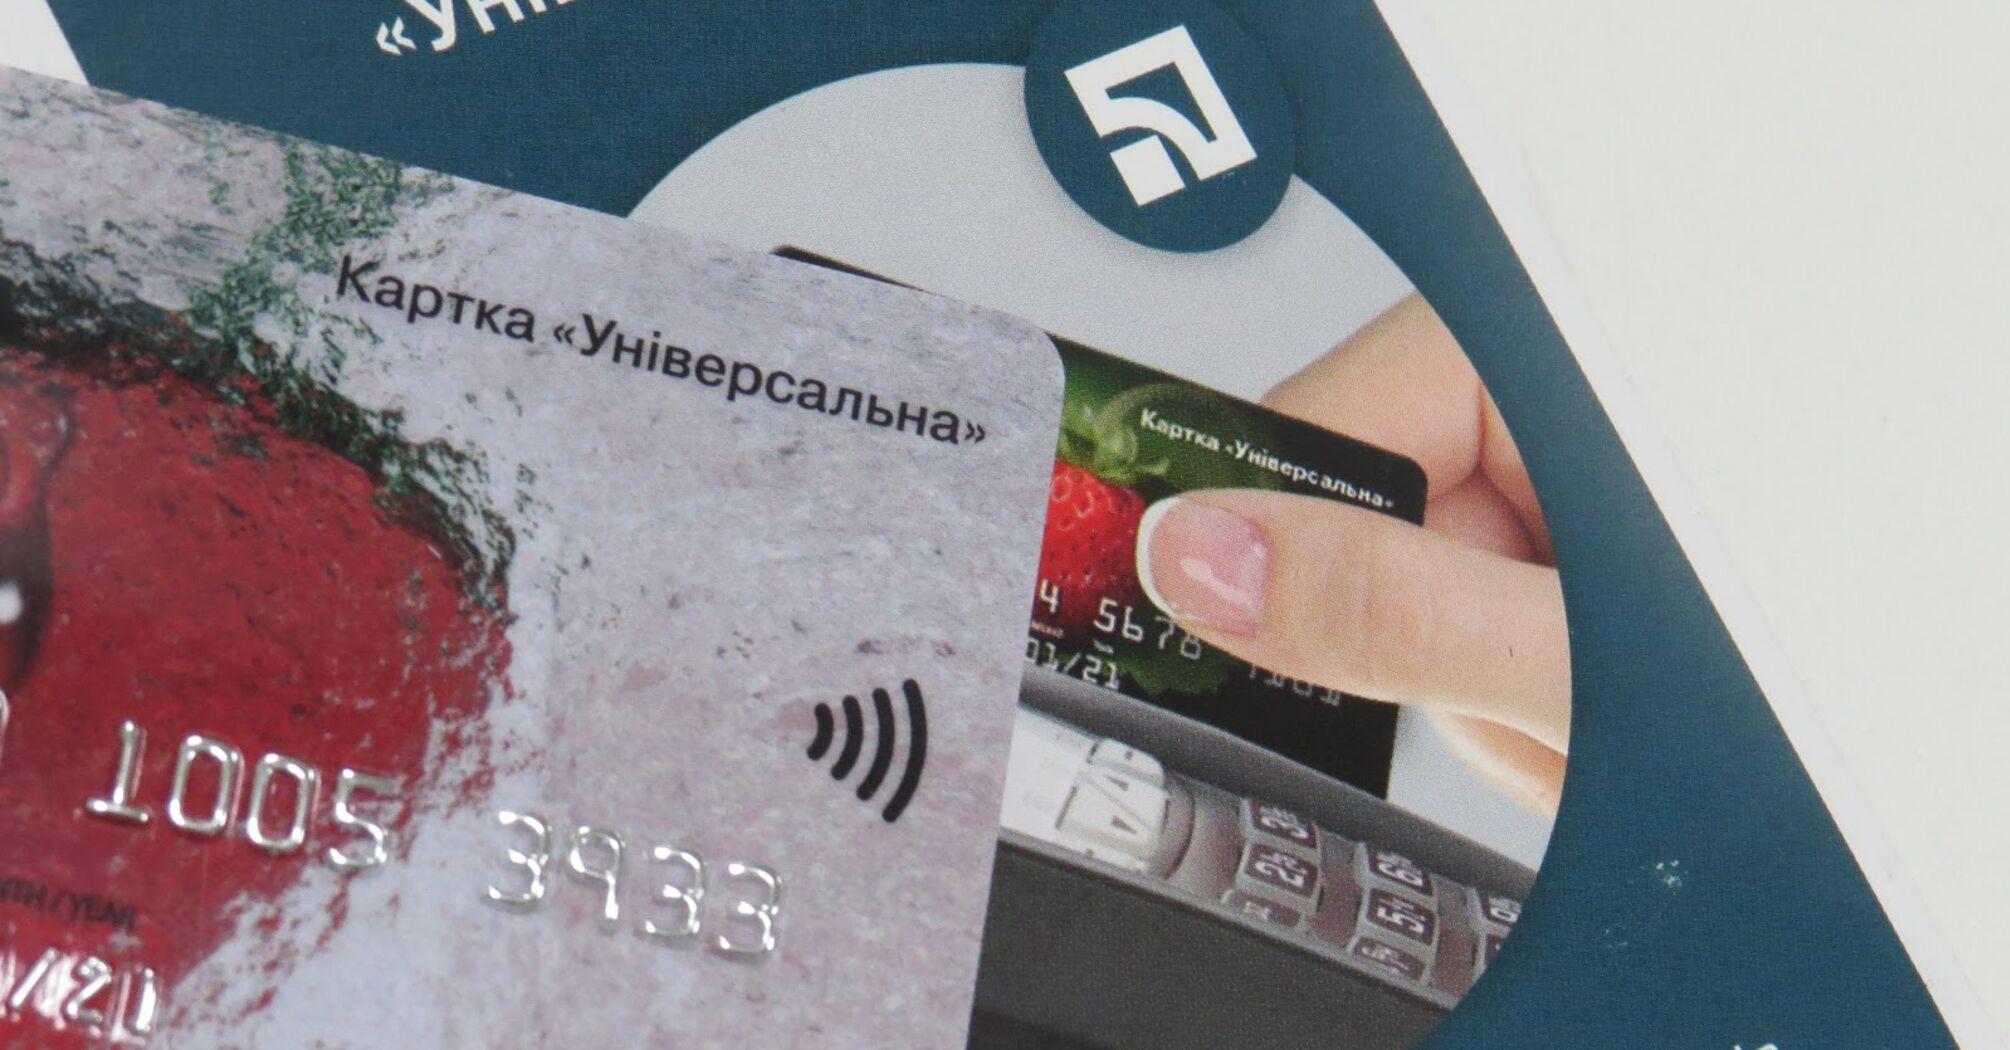 """Як Приватбанк розраховує кредитний ліміт для картки """"Універсальна"""""""